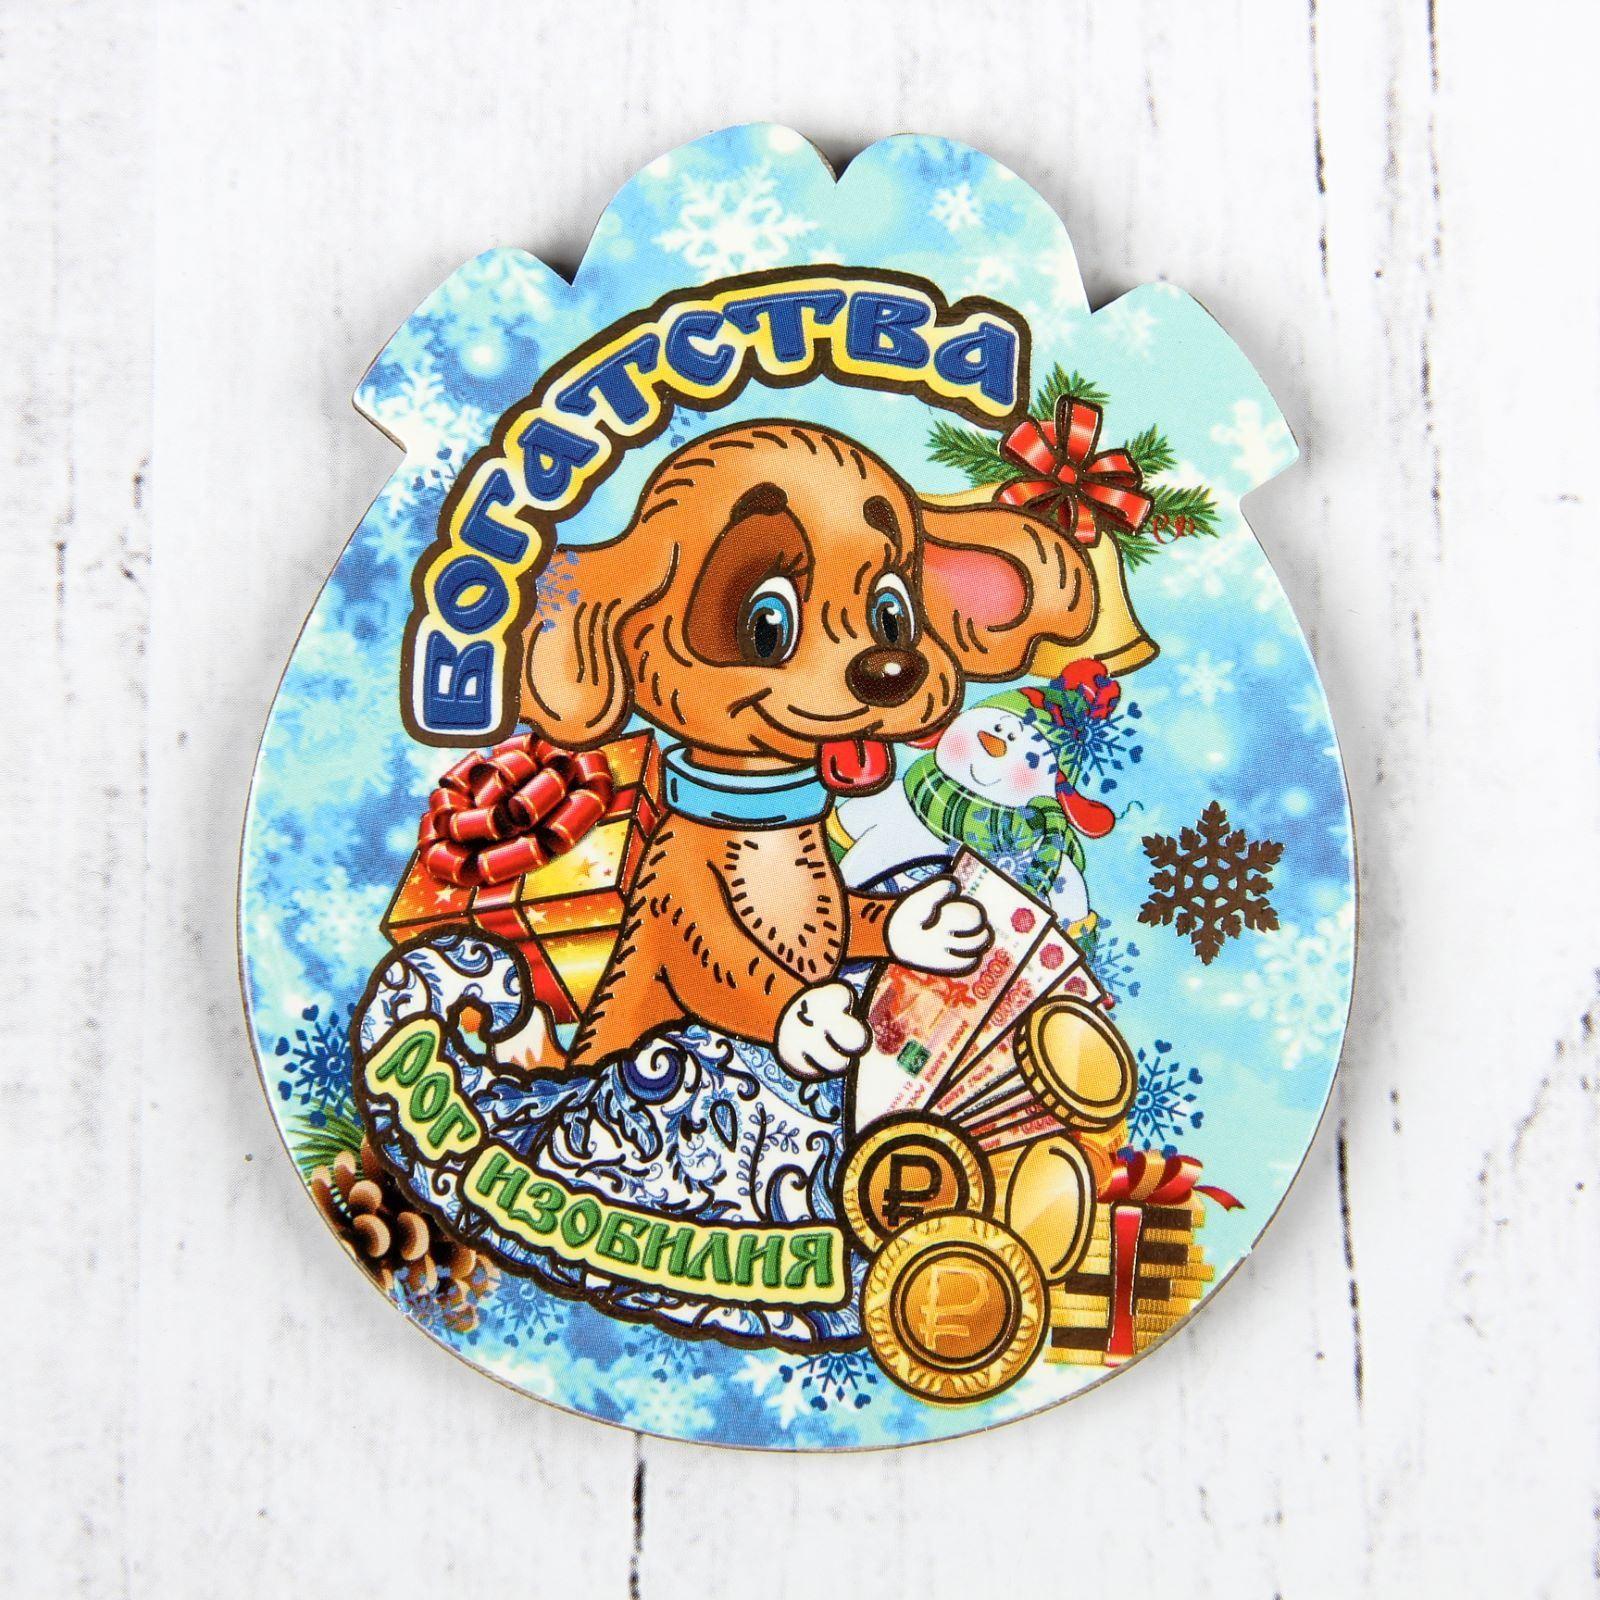 Магнит Sima-land Новогодний. 2018, 9 х 7,5 см. 25323652532365Порадуйте родных и близких оригинальным сувениром: преподнесите в подарок магнит. С ним даже самый серьёзный человек почувствует себя ребёнком, ожидающим чудо! Создайте праздничное настроение, и оно останется с вами на весь год.